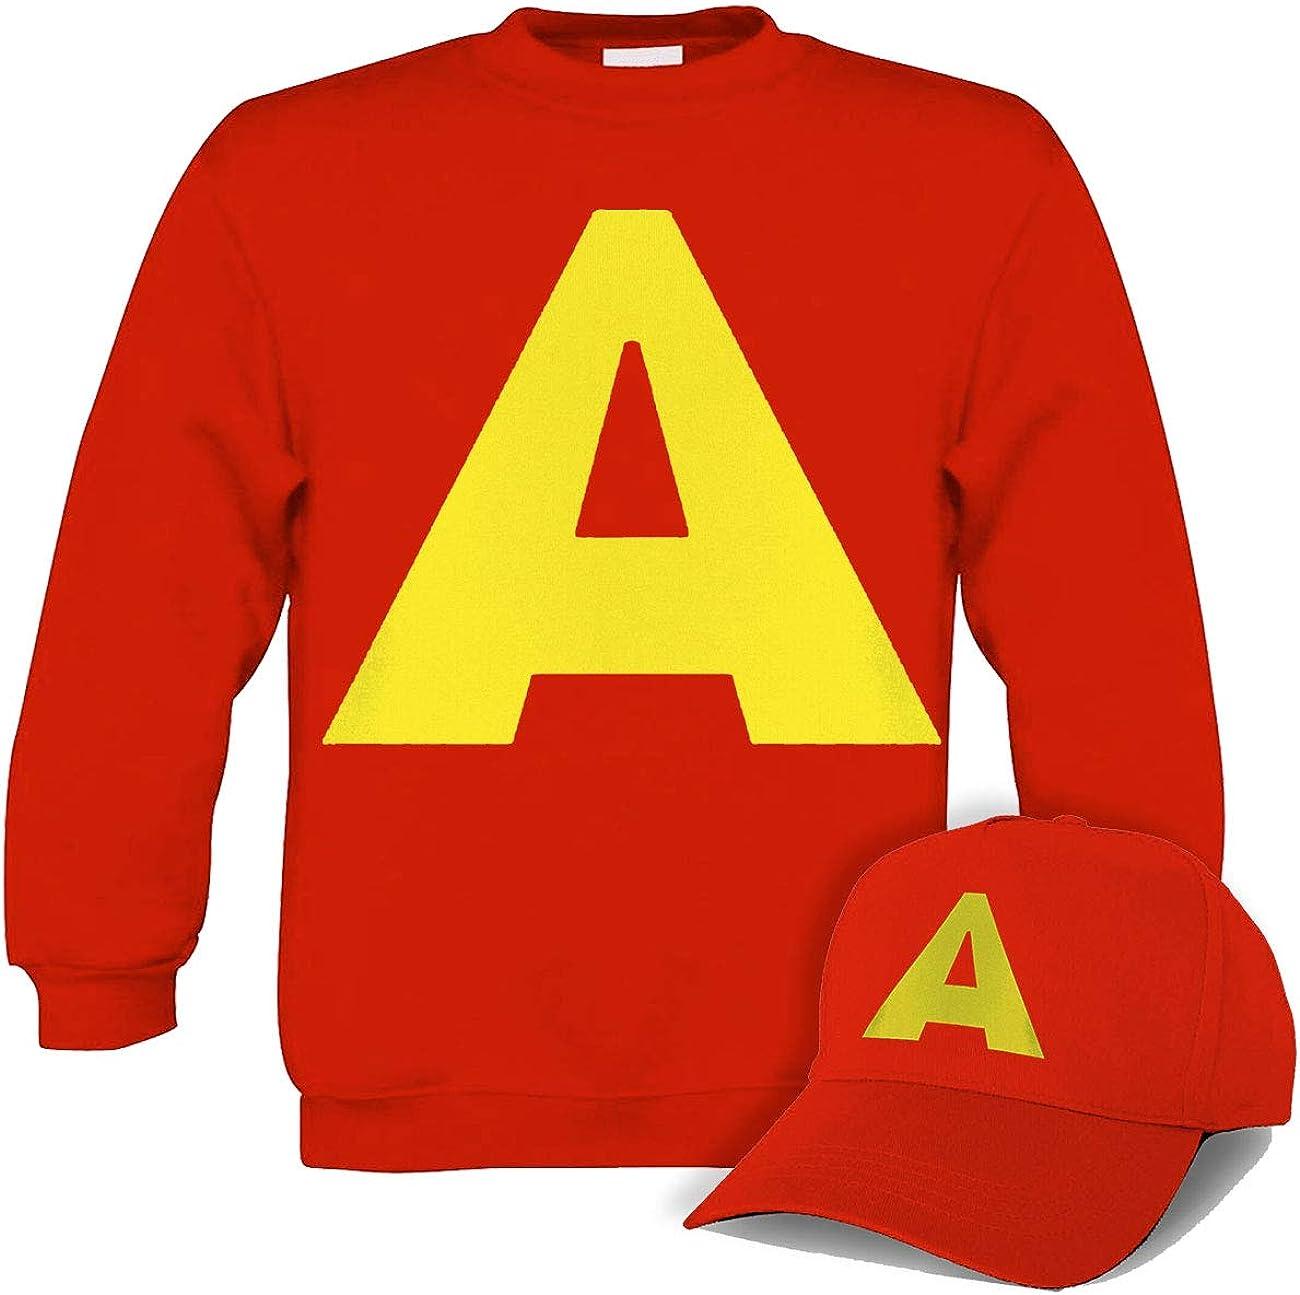 Allover Felpa Bambino Girocollo Colore Rosso con Stampa A Grande Tipo Alvin Cappellino in Omaggio